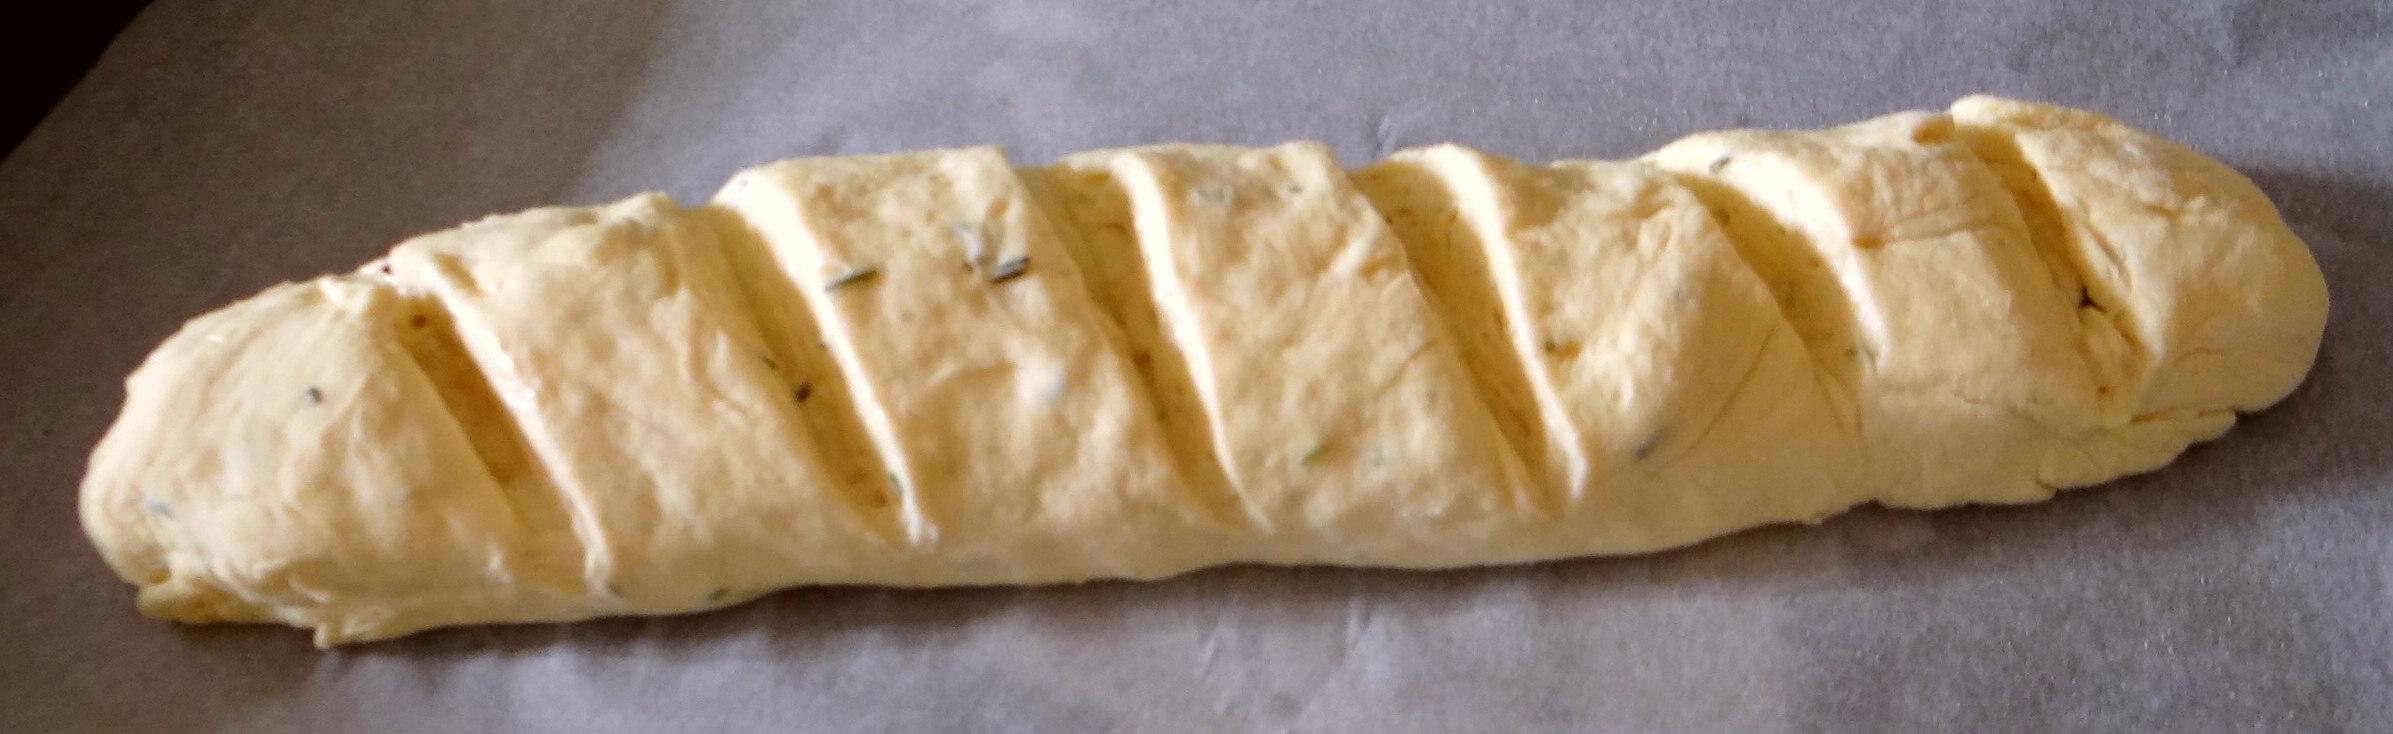 Muschel und Baguette (11)